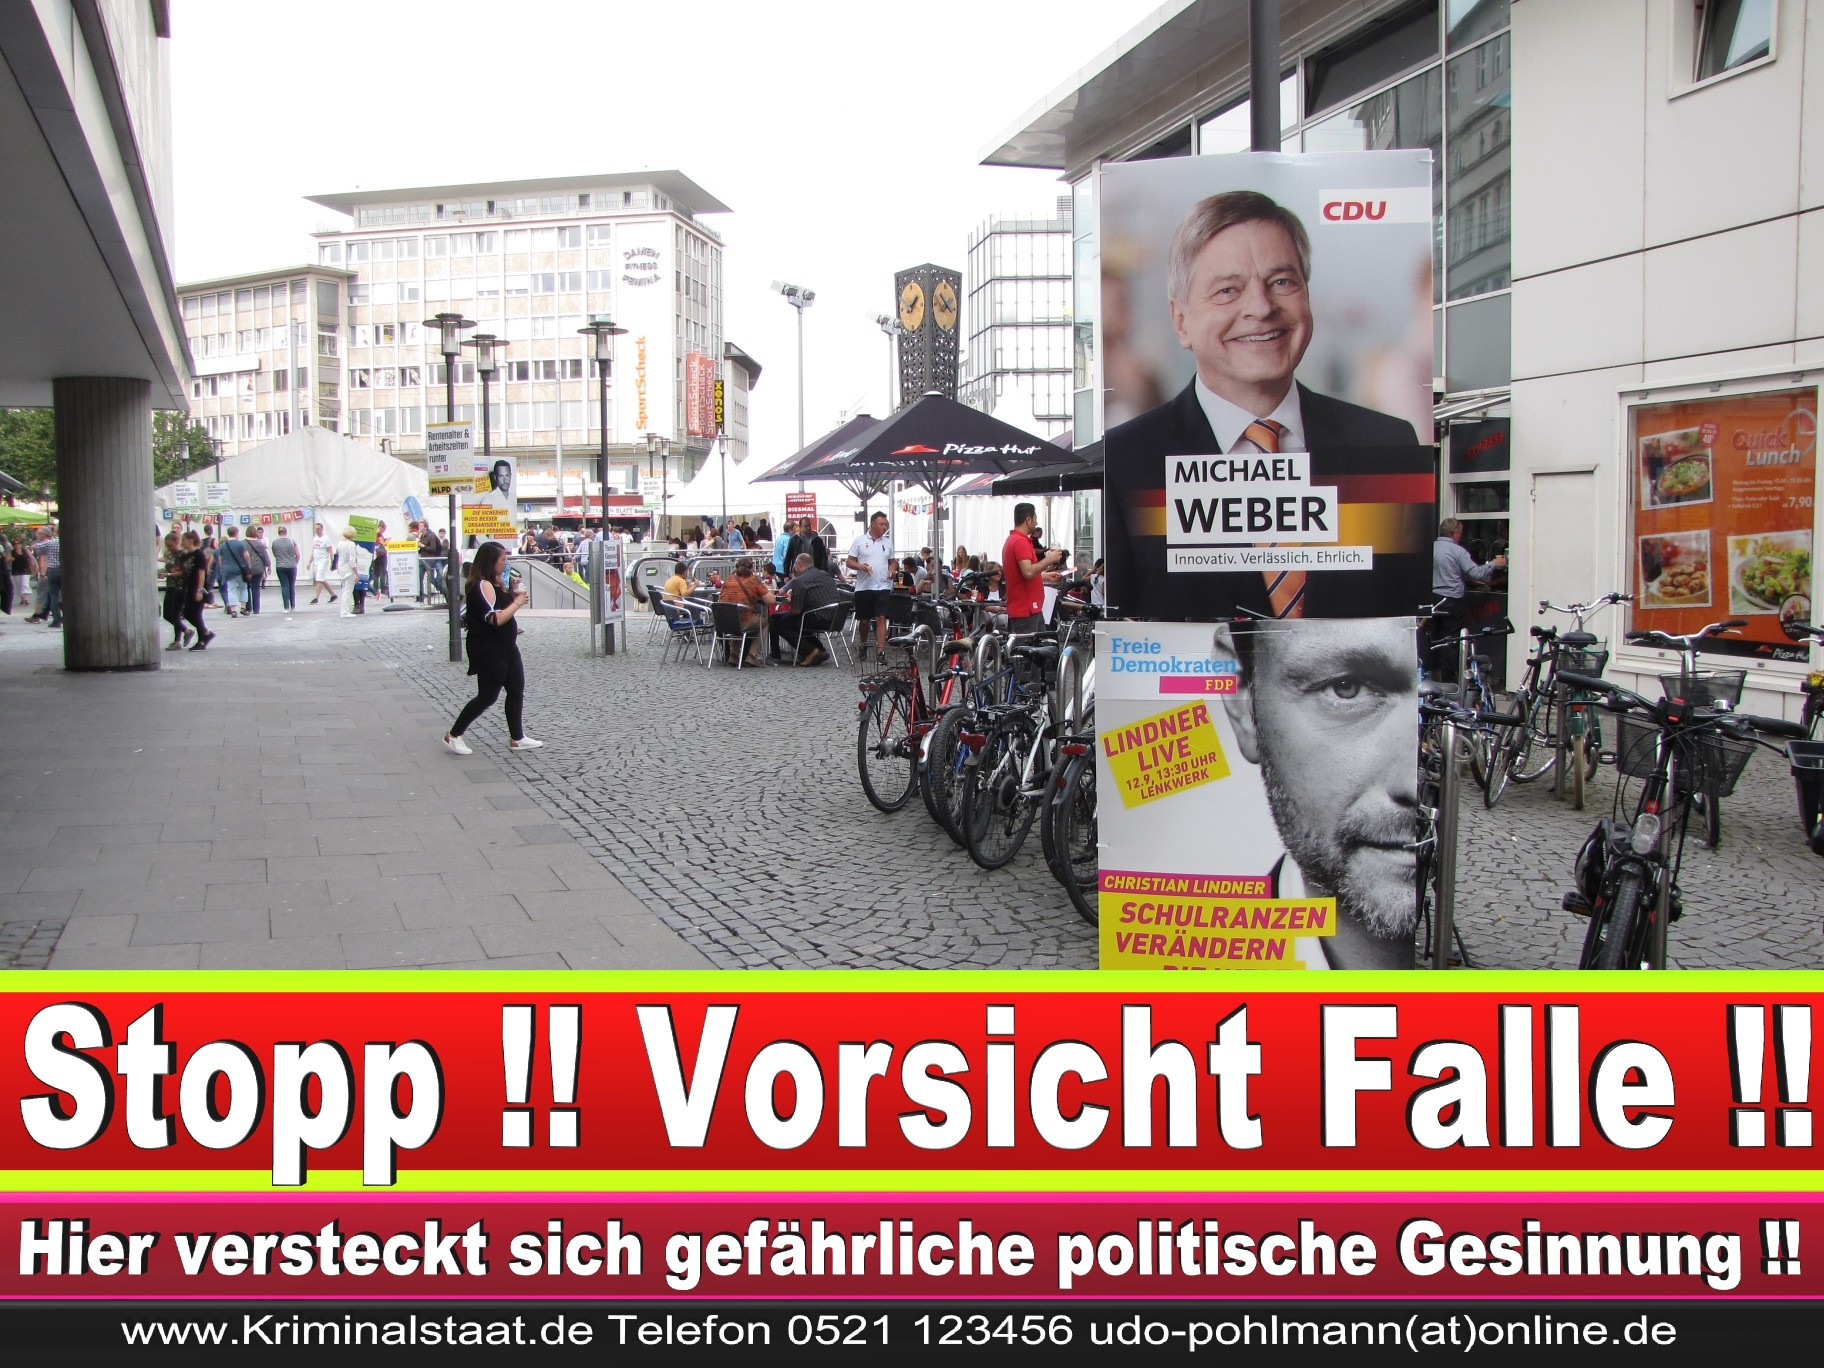 Wahlwerbung Wahlplakate Landtagswahl 2019 Europawahl CDU SPD FDP 2021 (49)